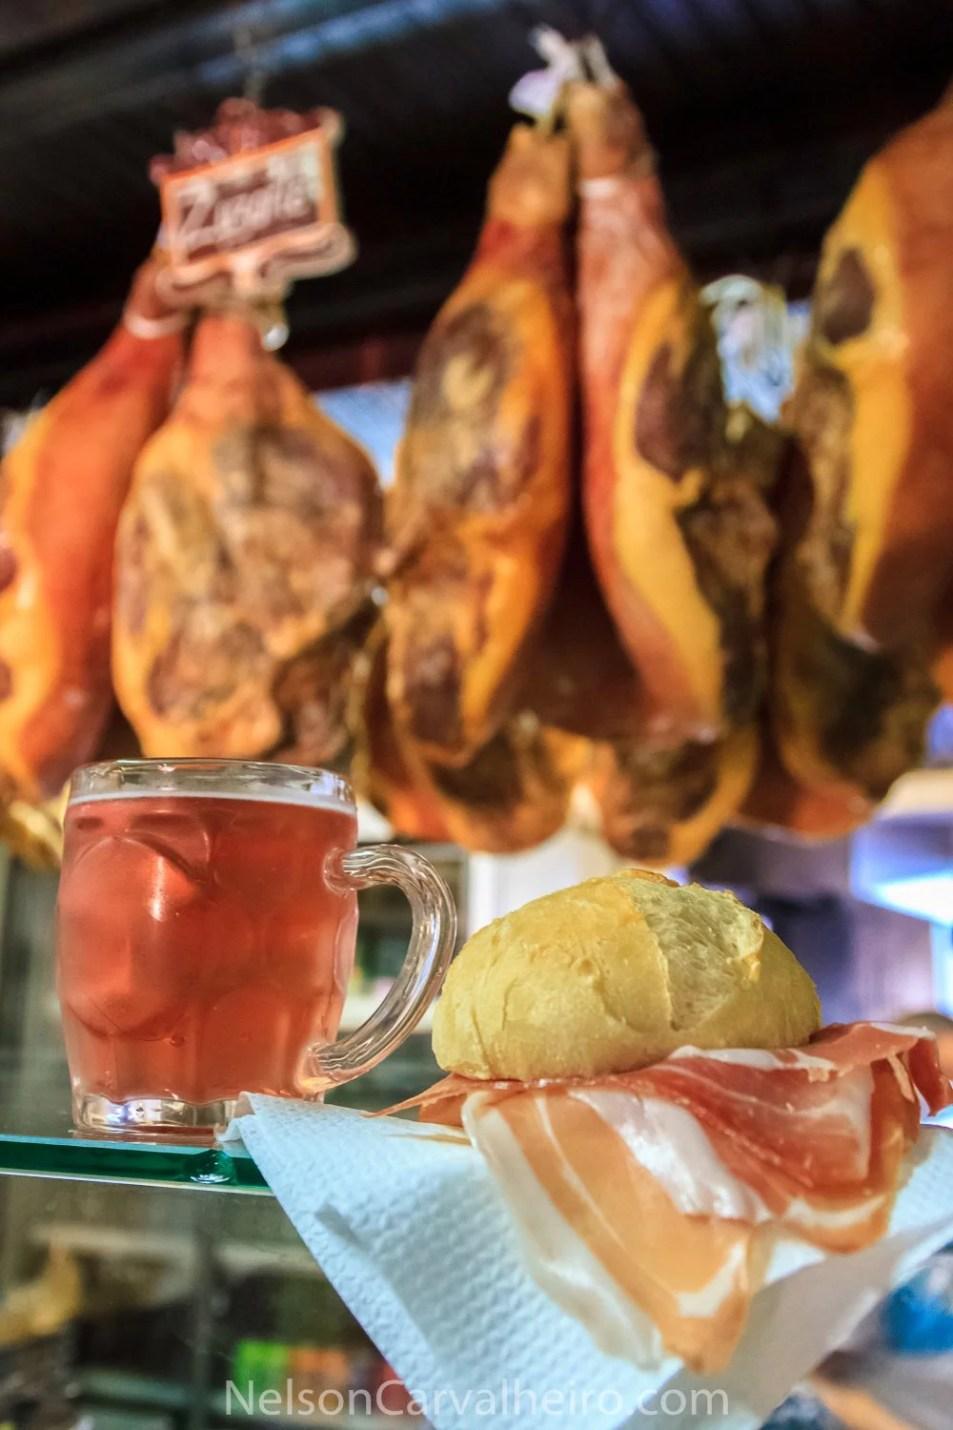 Nelson_Carvalheiro_Portugal_Travel_Cookbook (48)